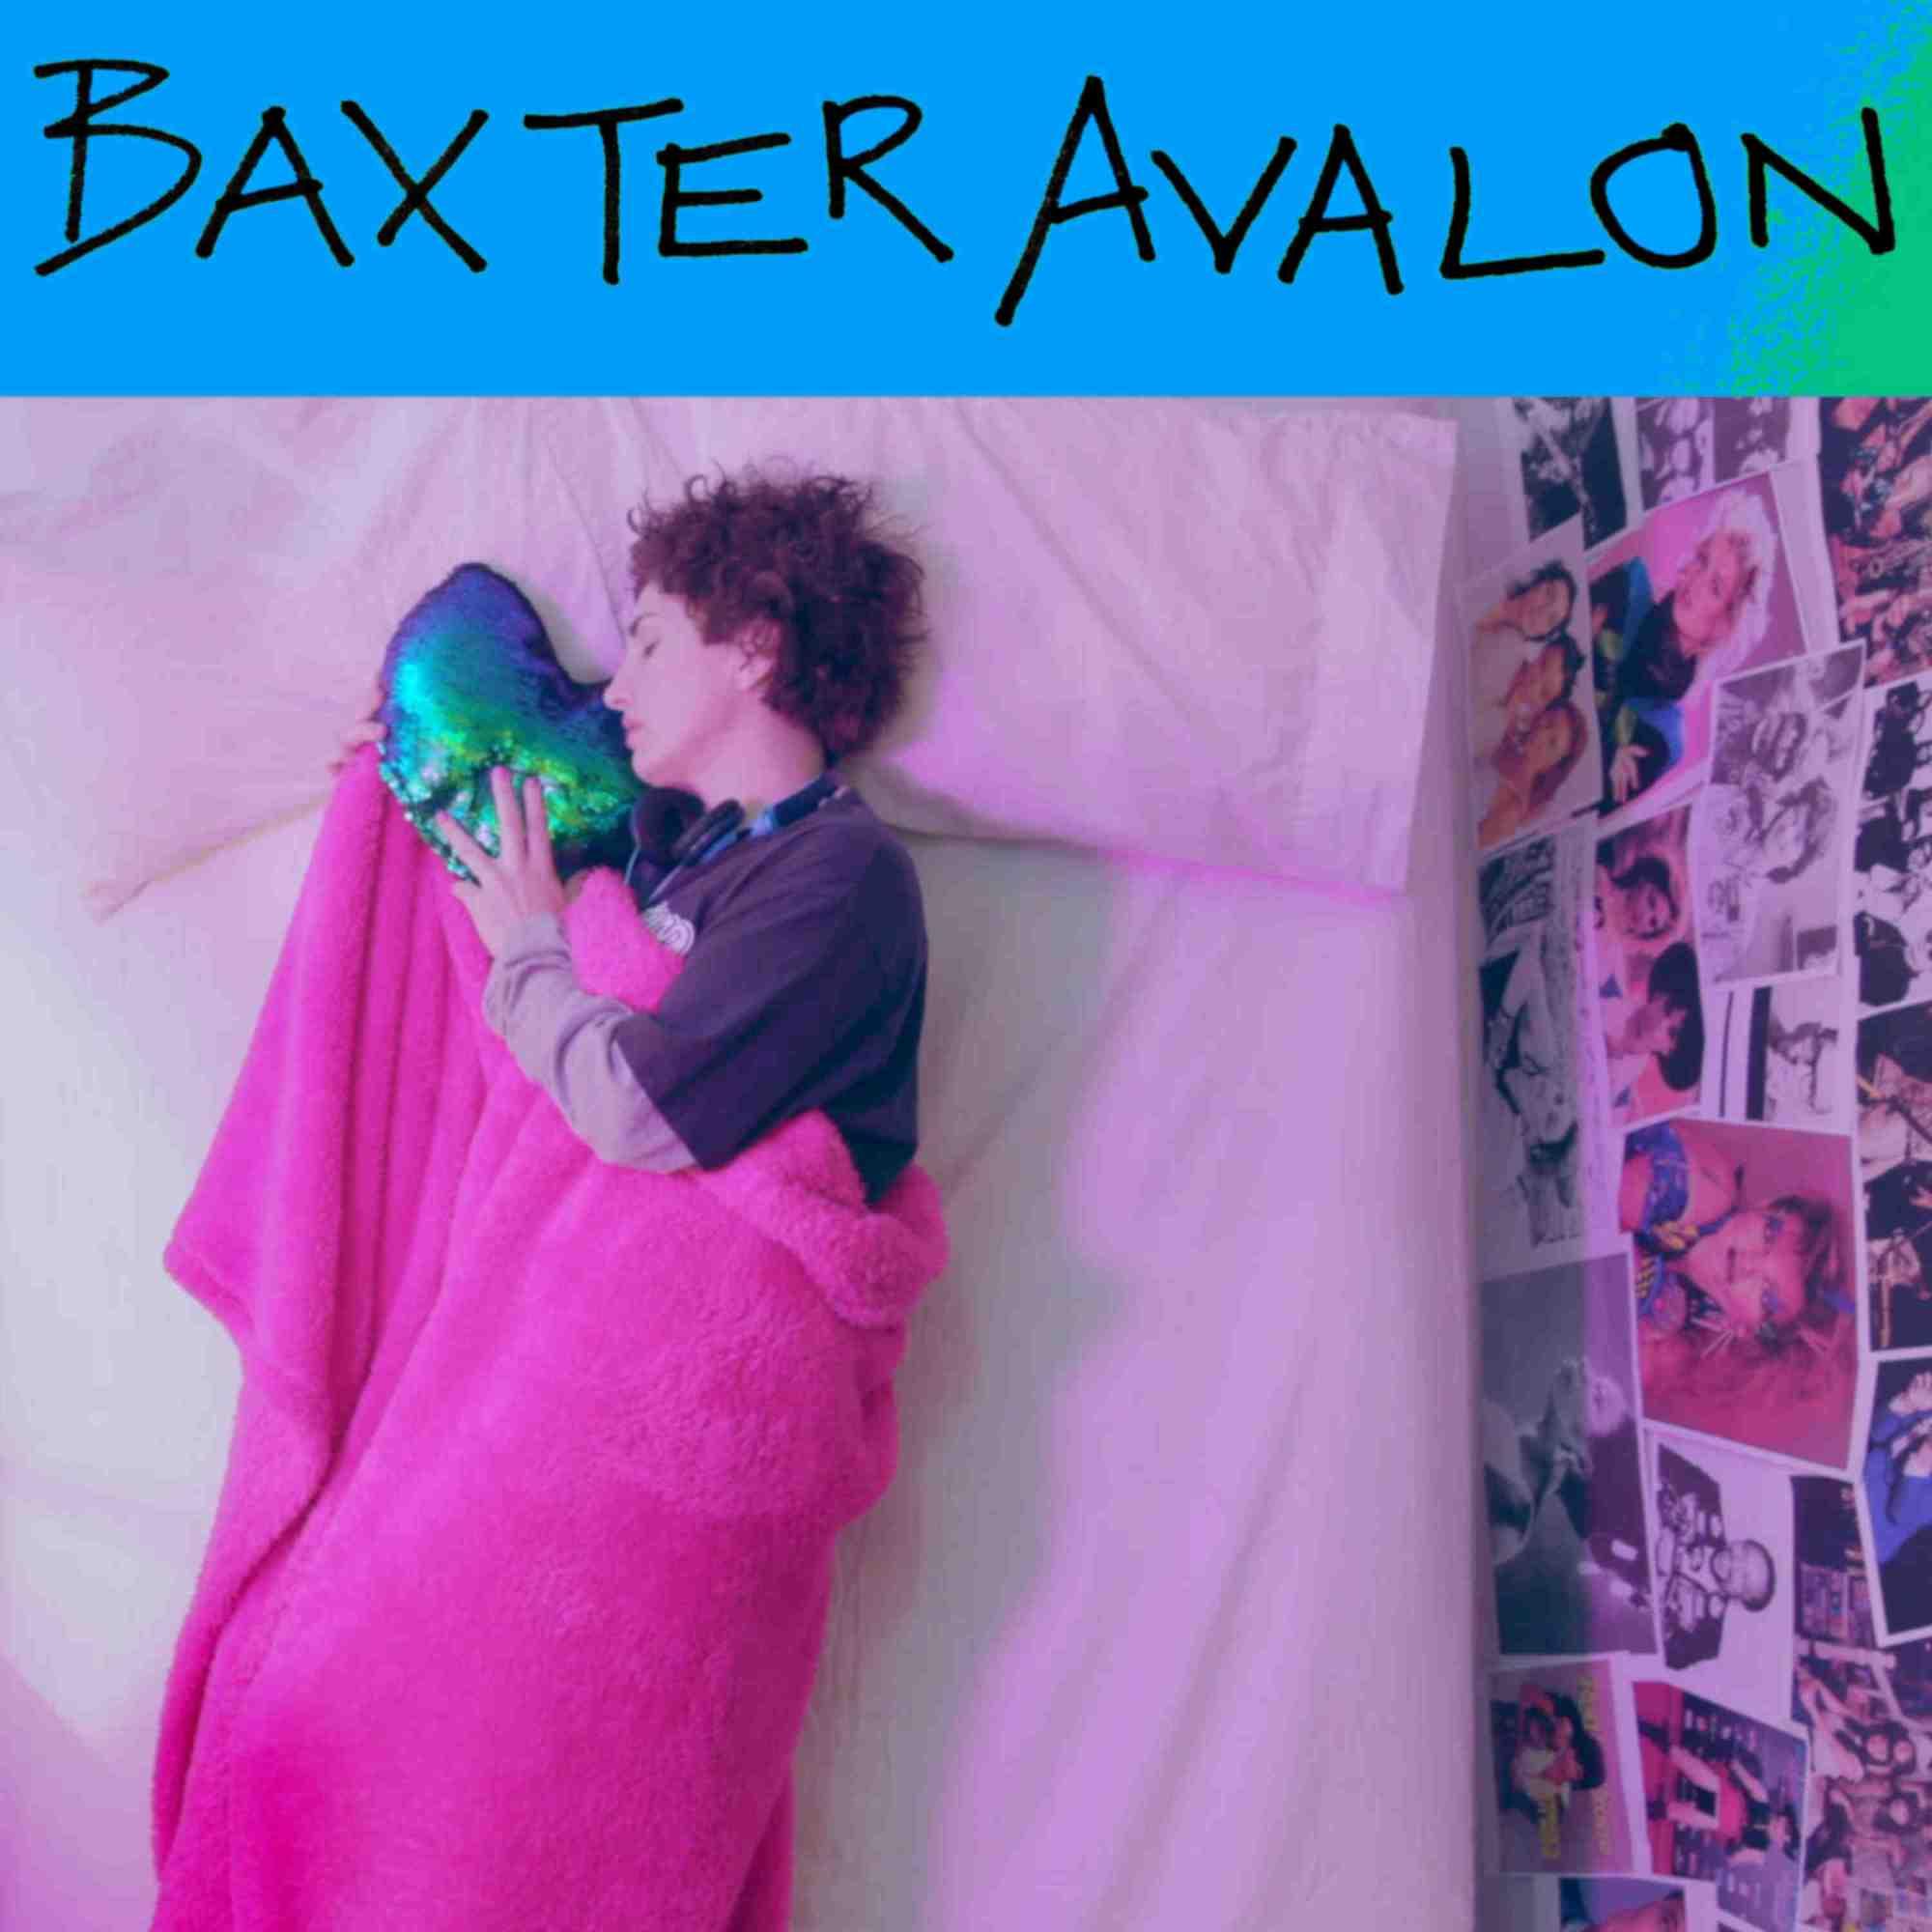 Baxter Avalon- 'Witness'